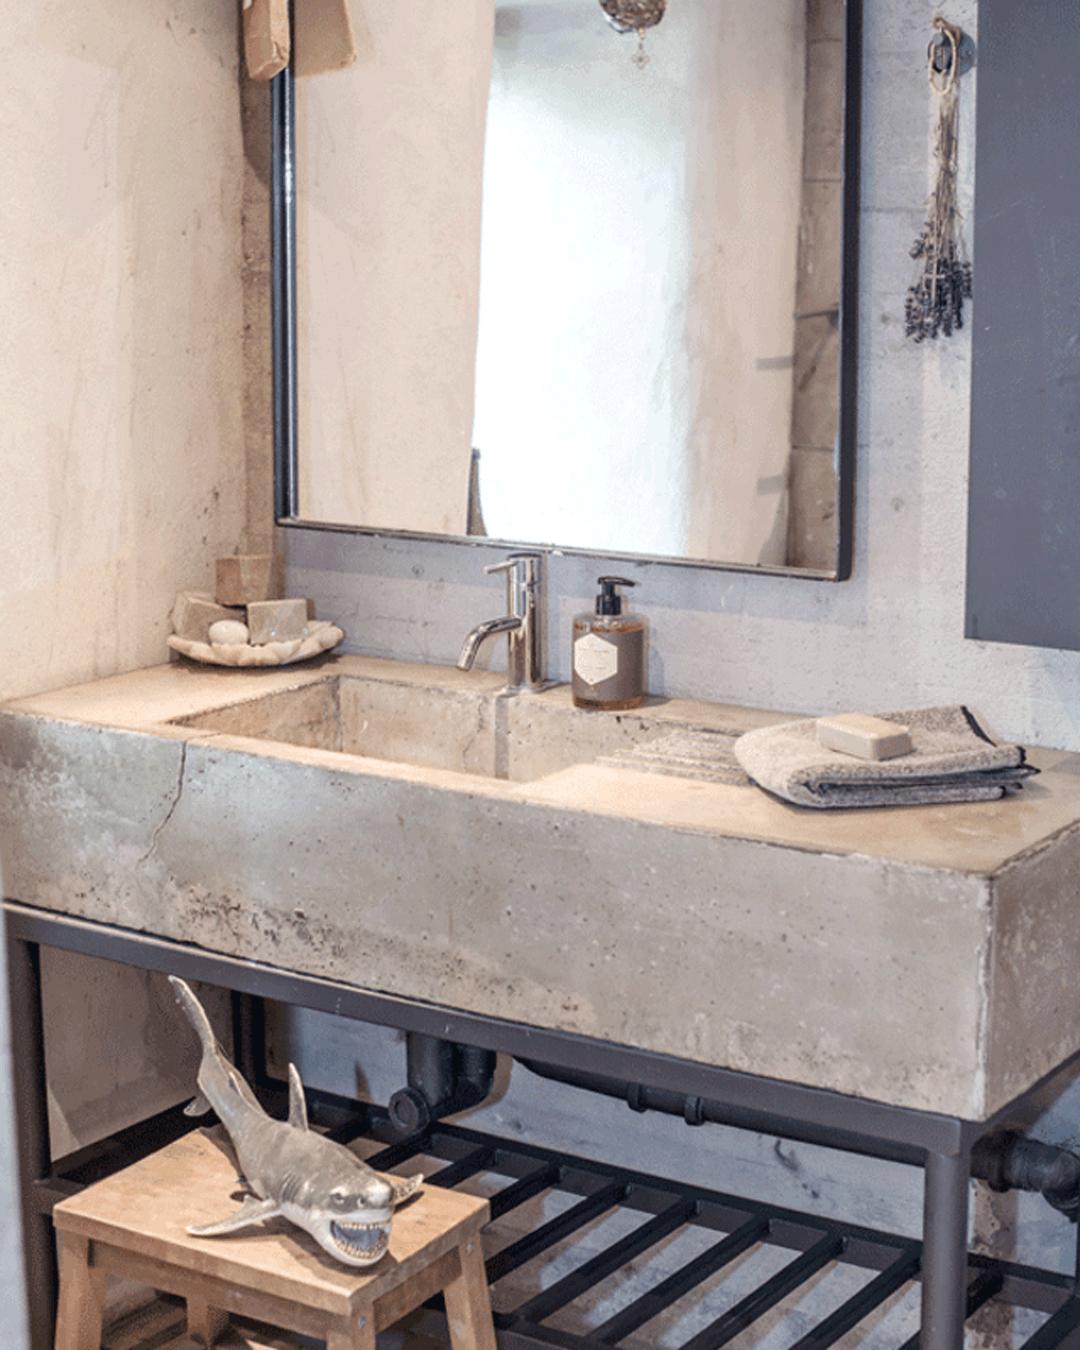 Badevaerelse 25 Stilfulde Mobler Til Badevaerelset Mad Bolig